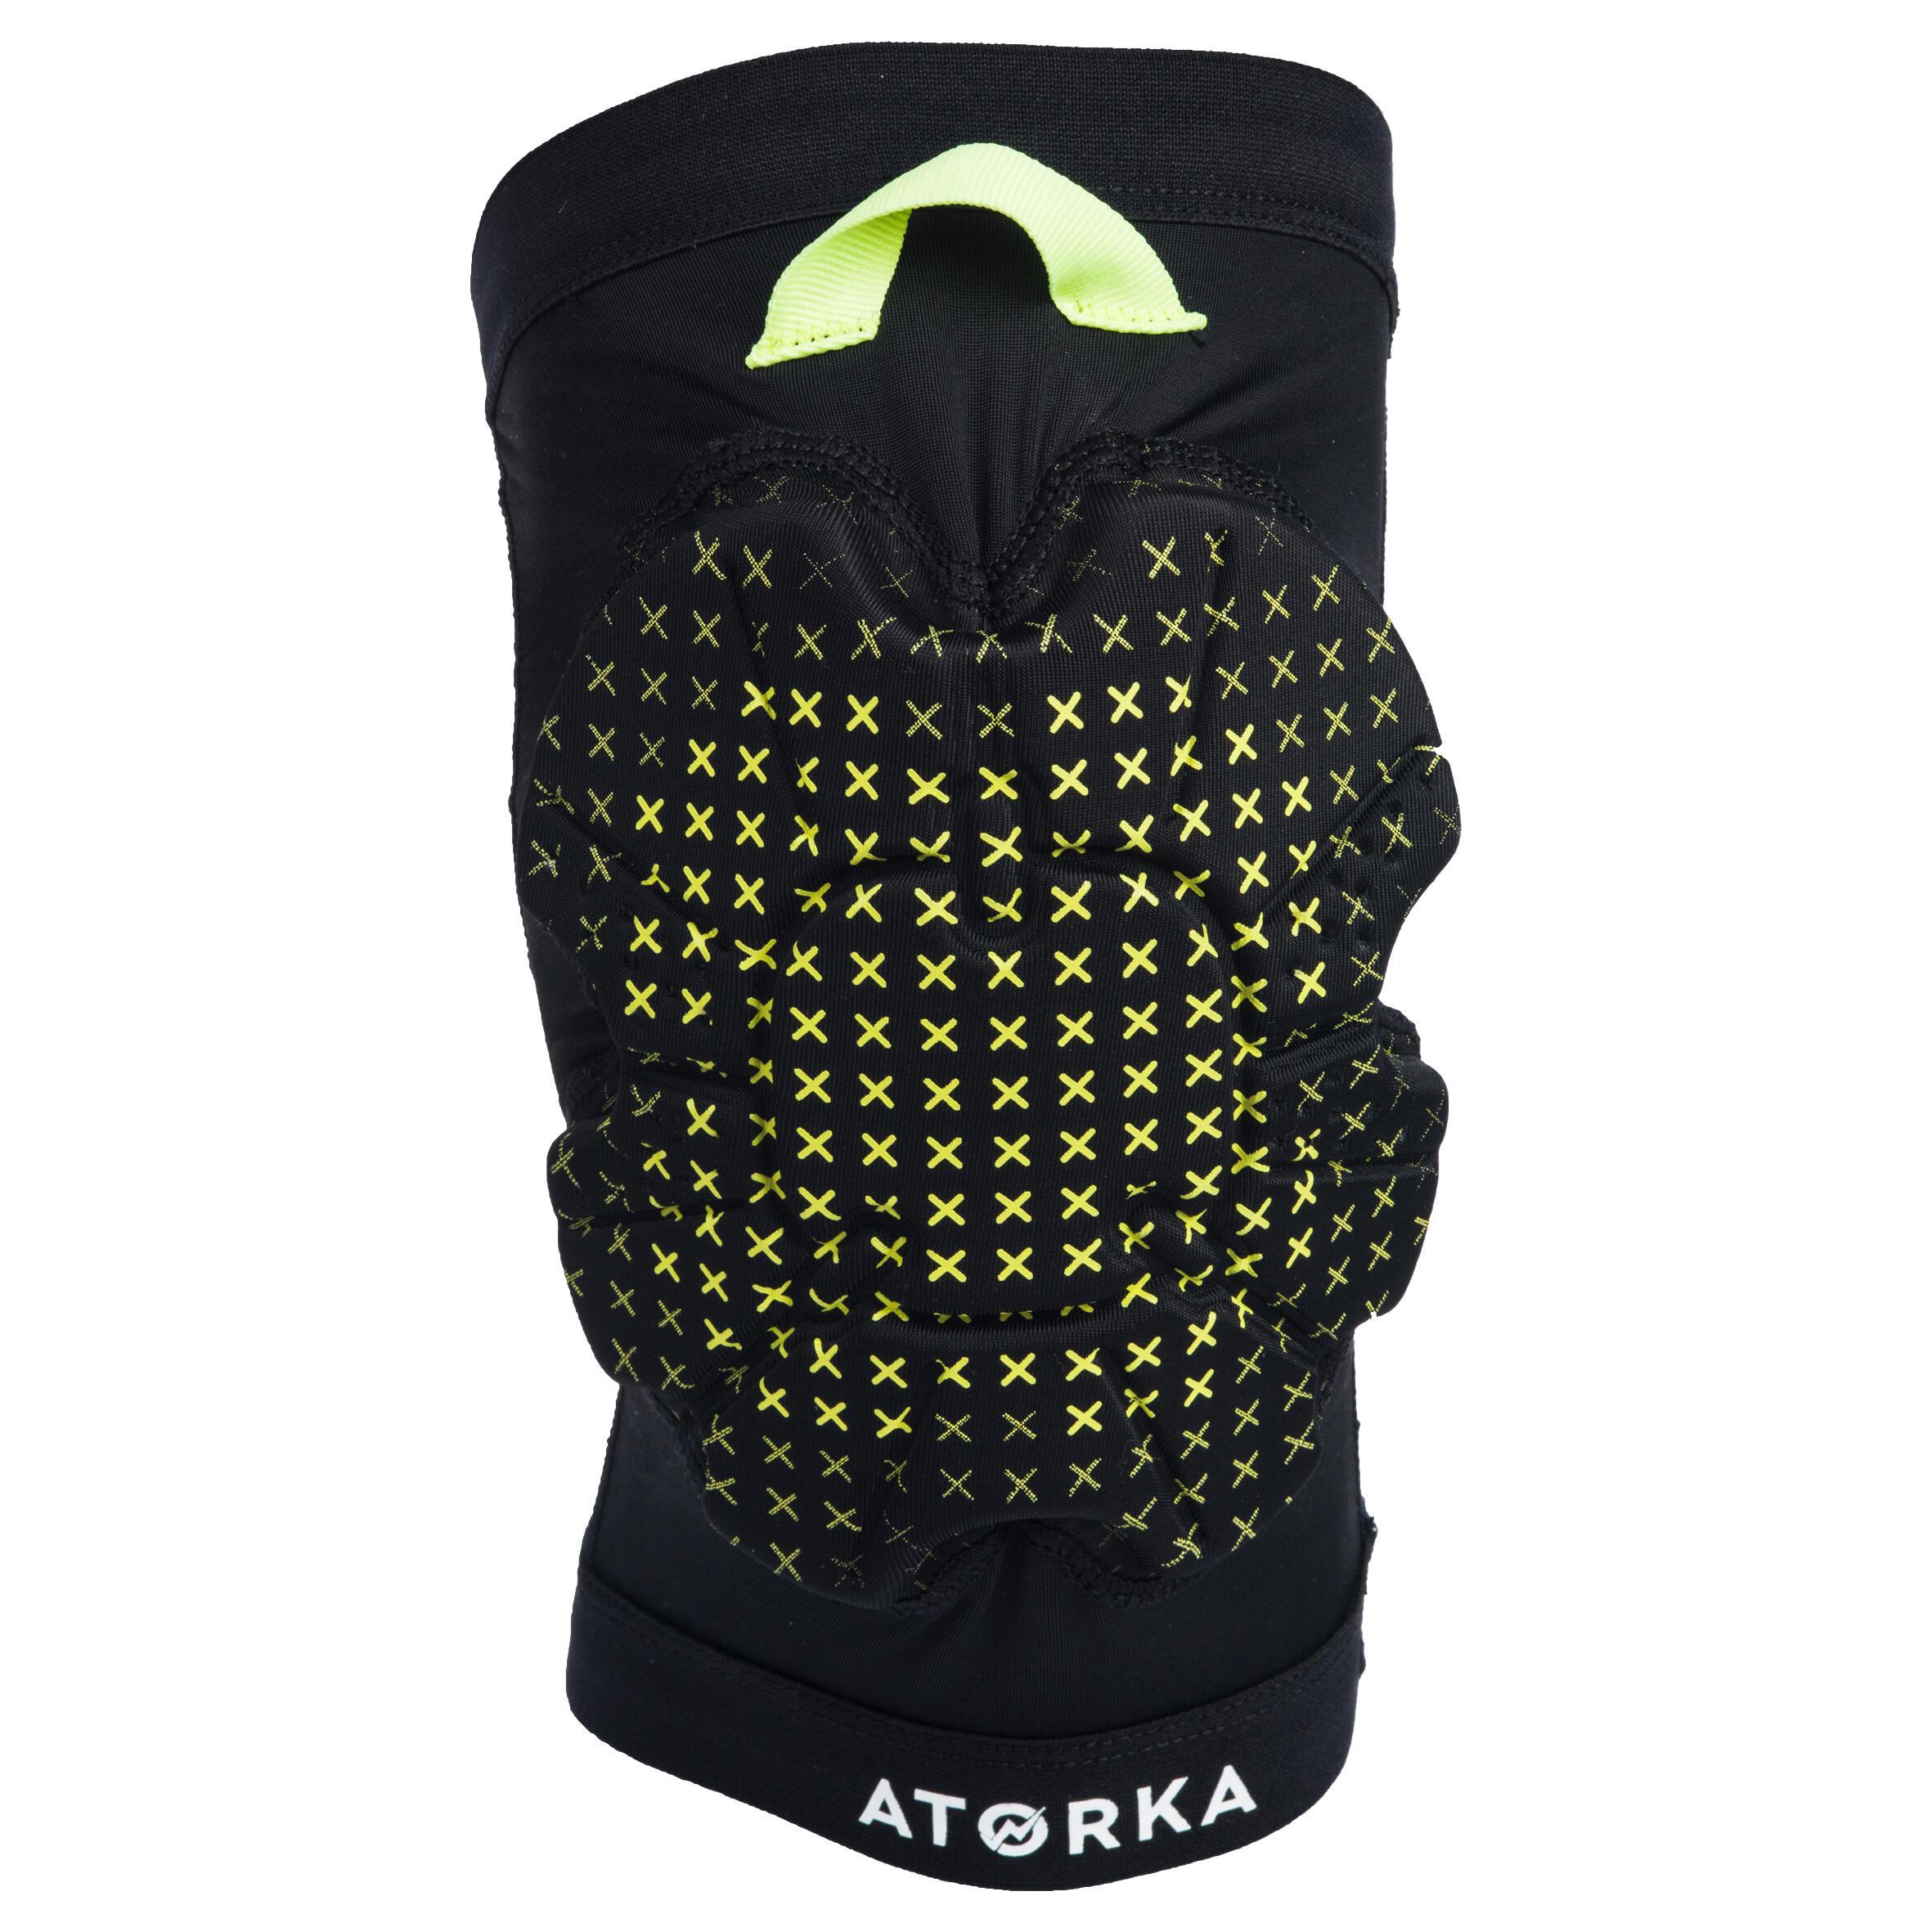 Atorka Kniebeschermer voor handbal H500 zwart